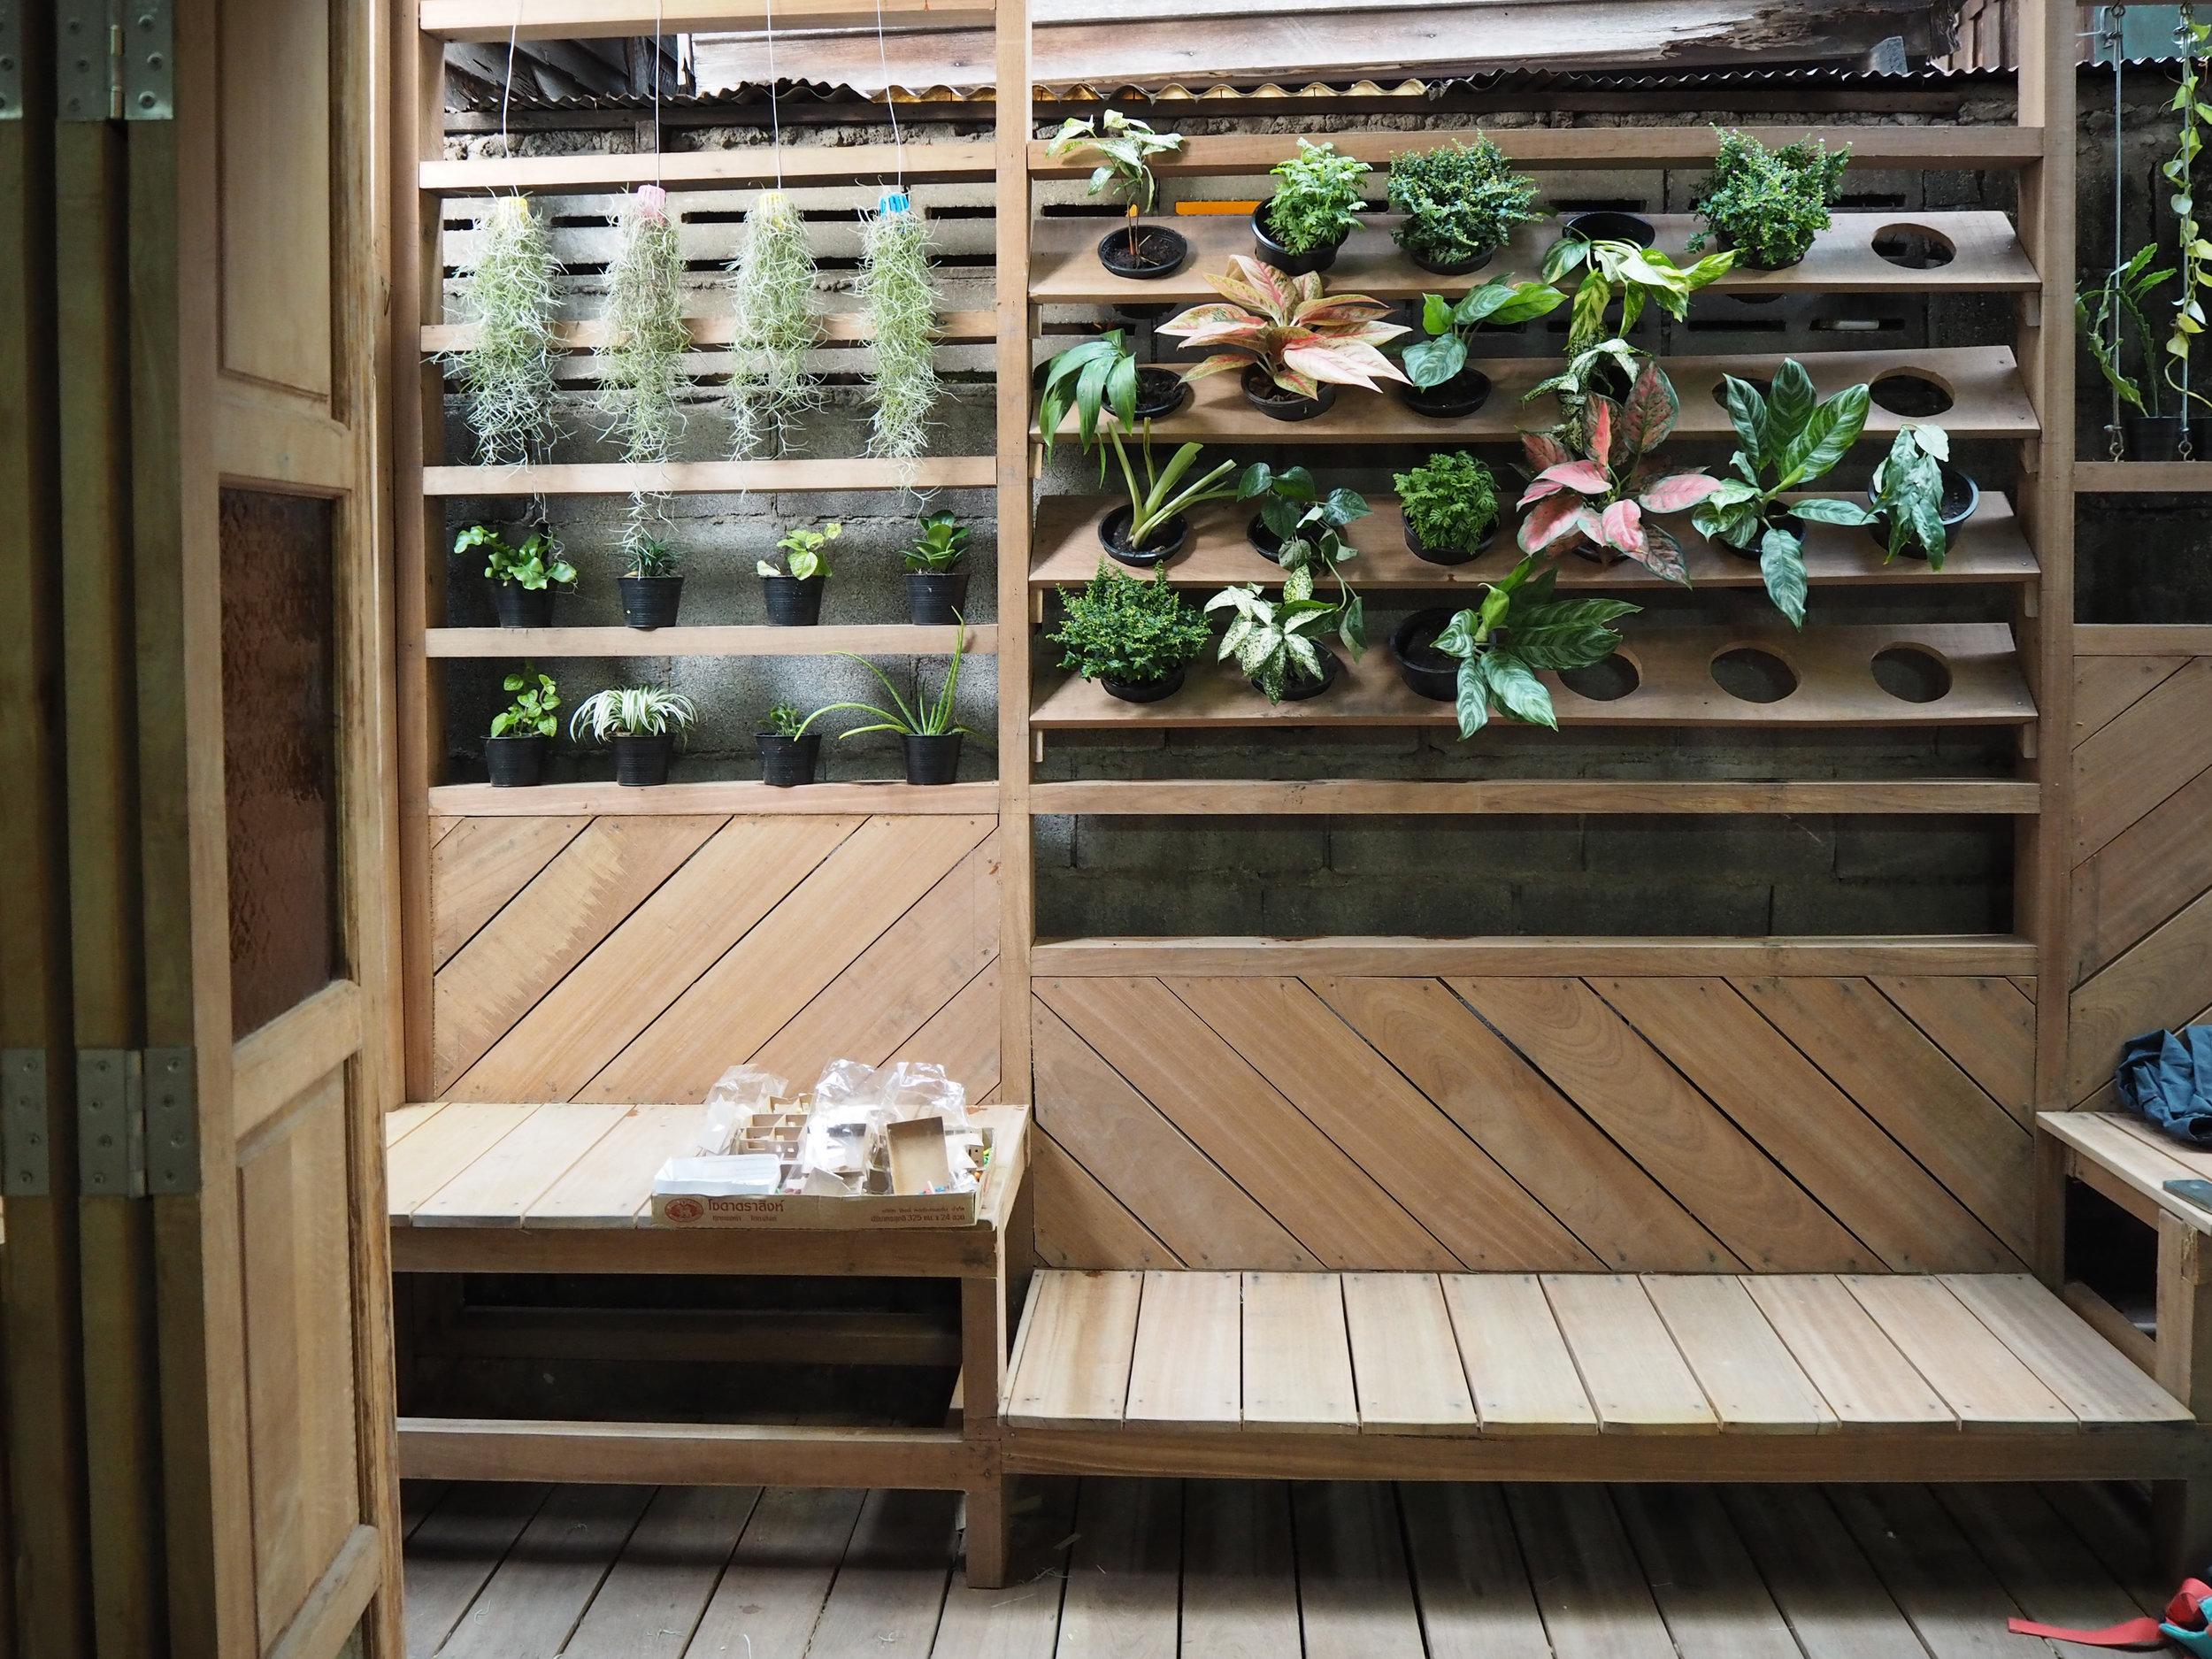 Dancing House: Renovating a community space in Nang Lerng, Bangkok Thailand - plants